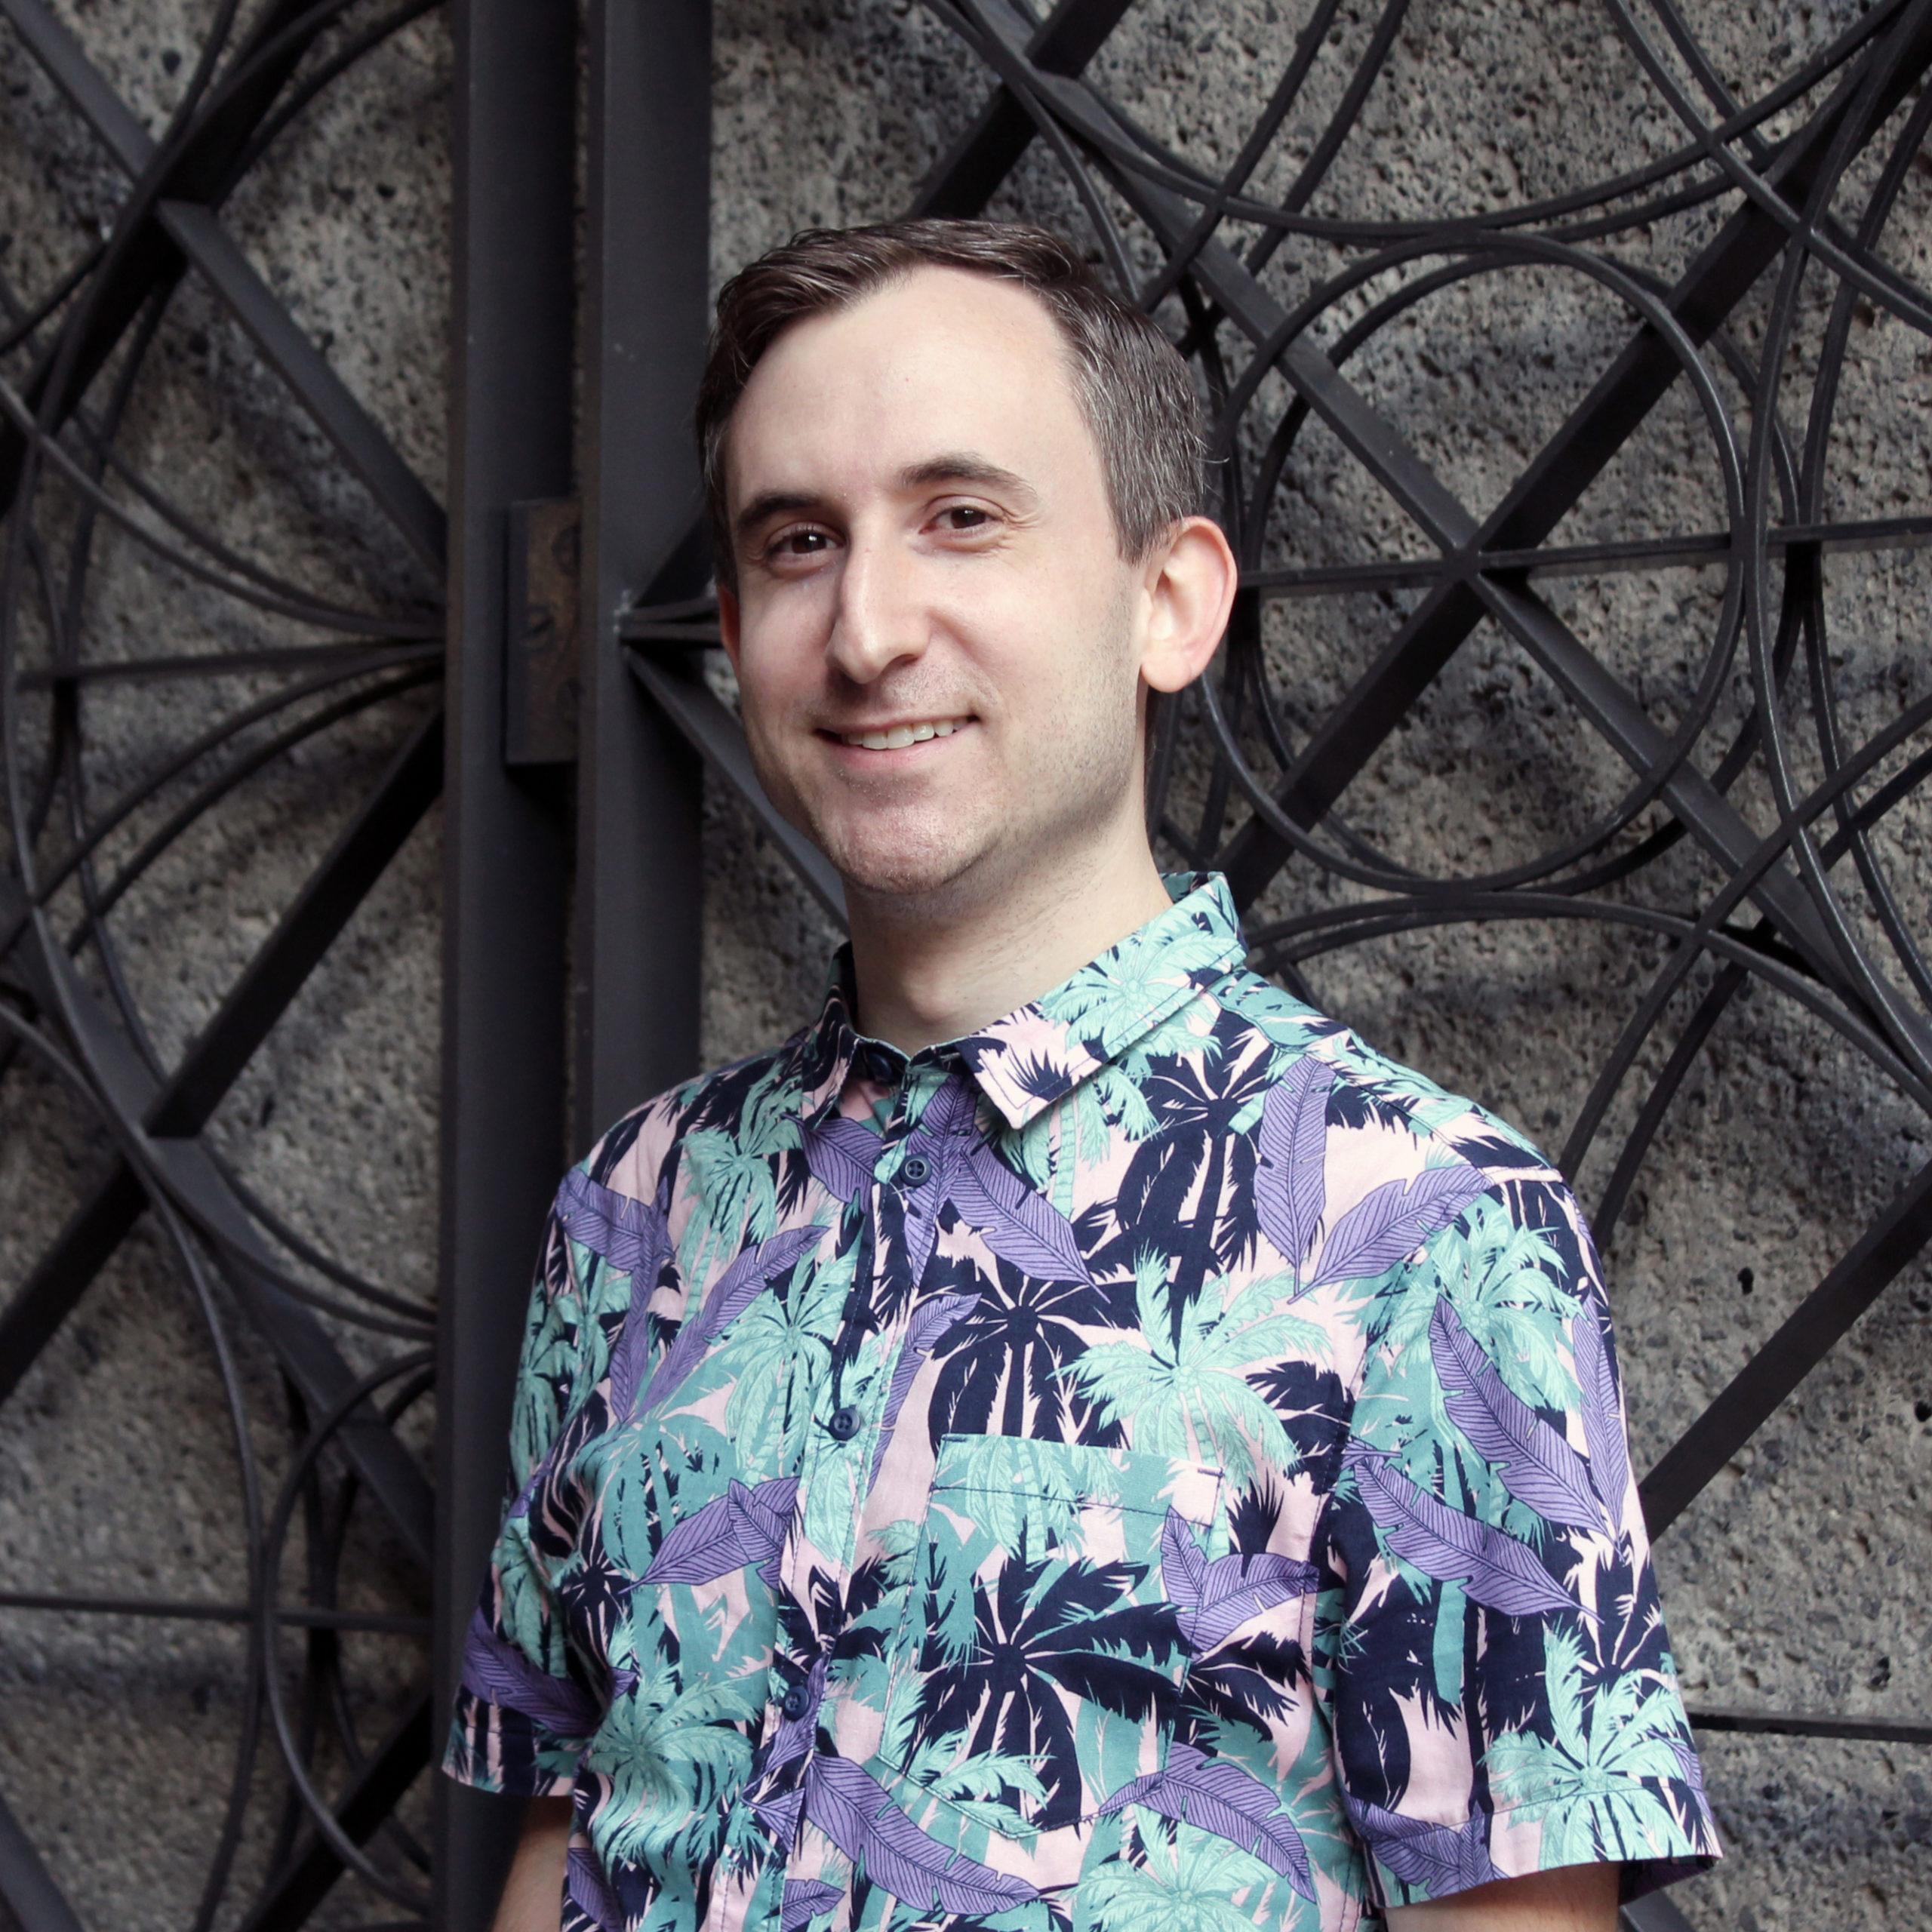 Scott Schwarzwalder